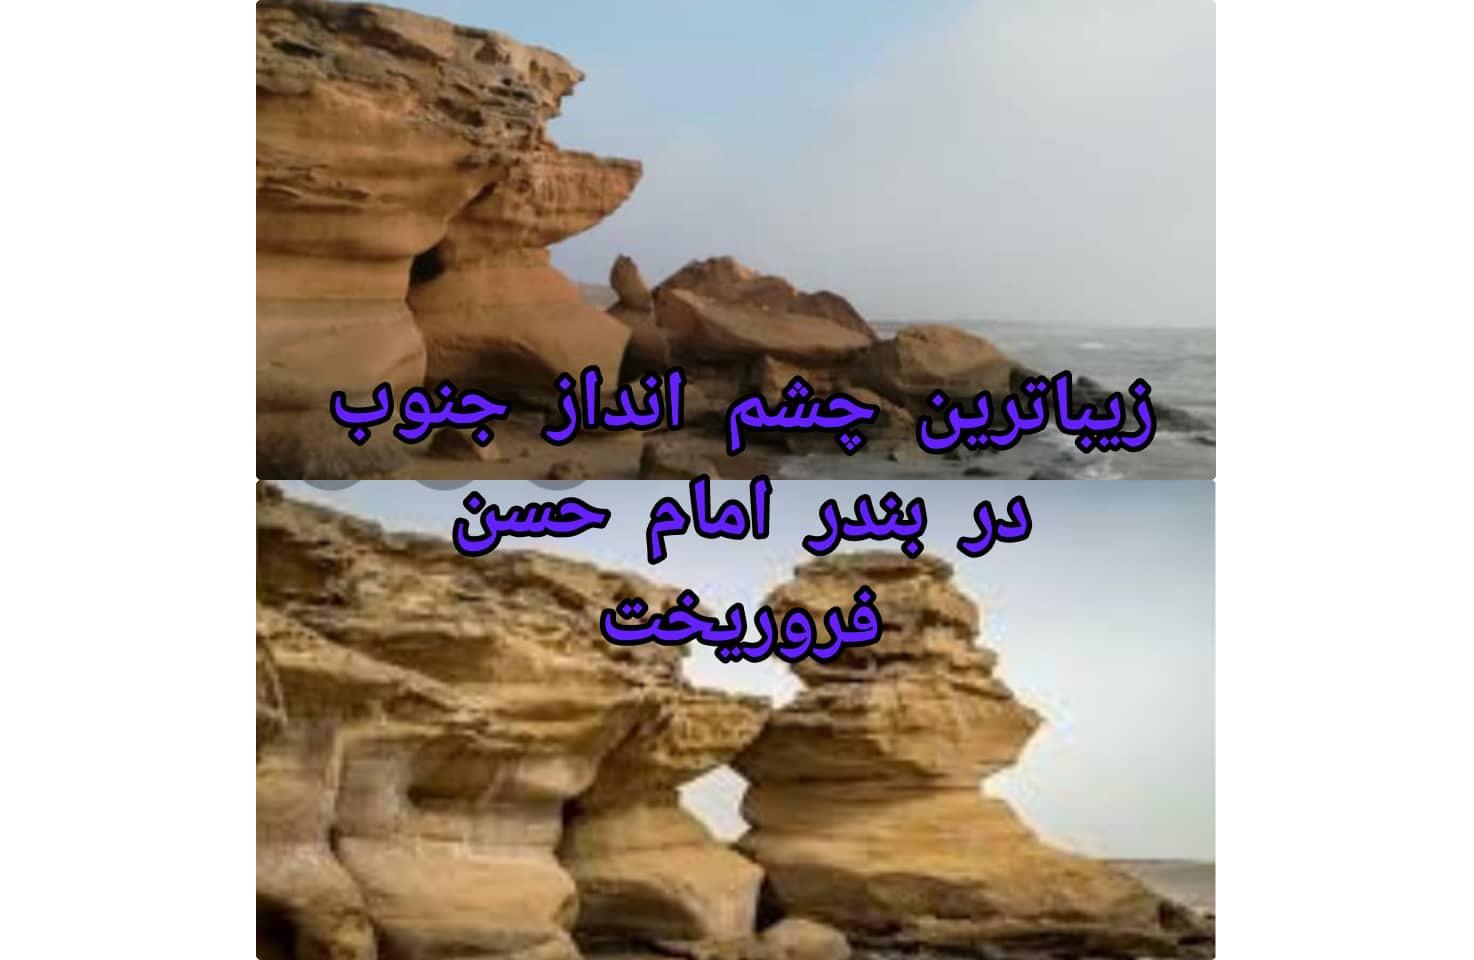 فرو ریختن یکی از زیباترین میراث طبیعی کشور در بندر امام حسن